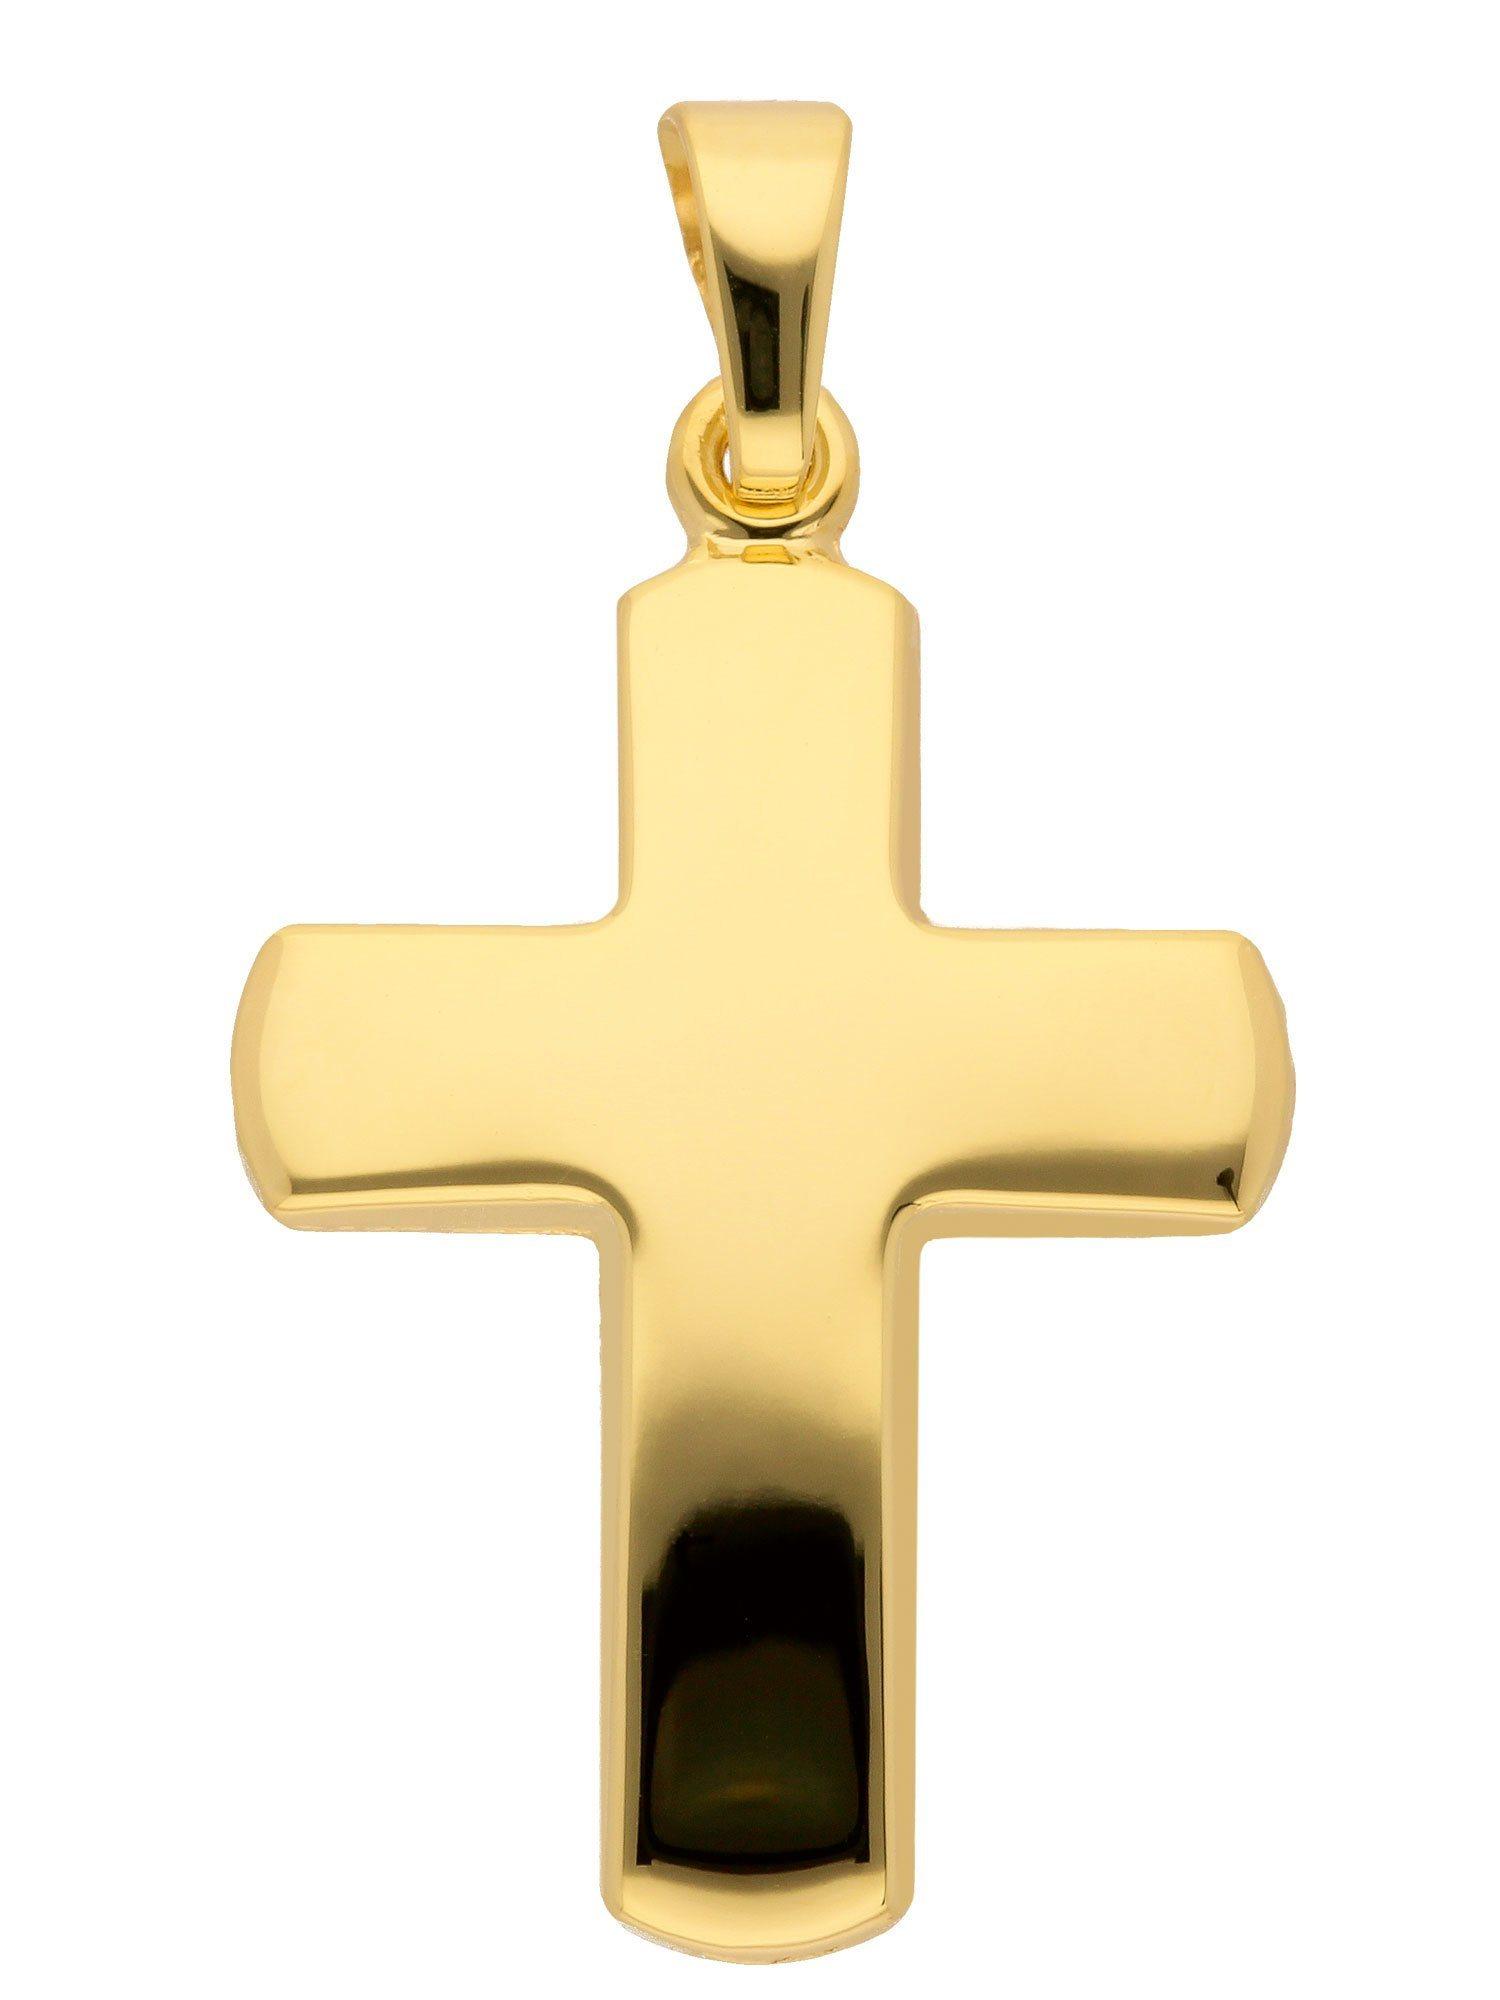 Adelia´s Kettenanhänger »Gold Anhänger« 14 k 585 Gelbgold   Schmuck > Halsketten > Ketten ohne Anhänger   Goldfarben   Adelia´s